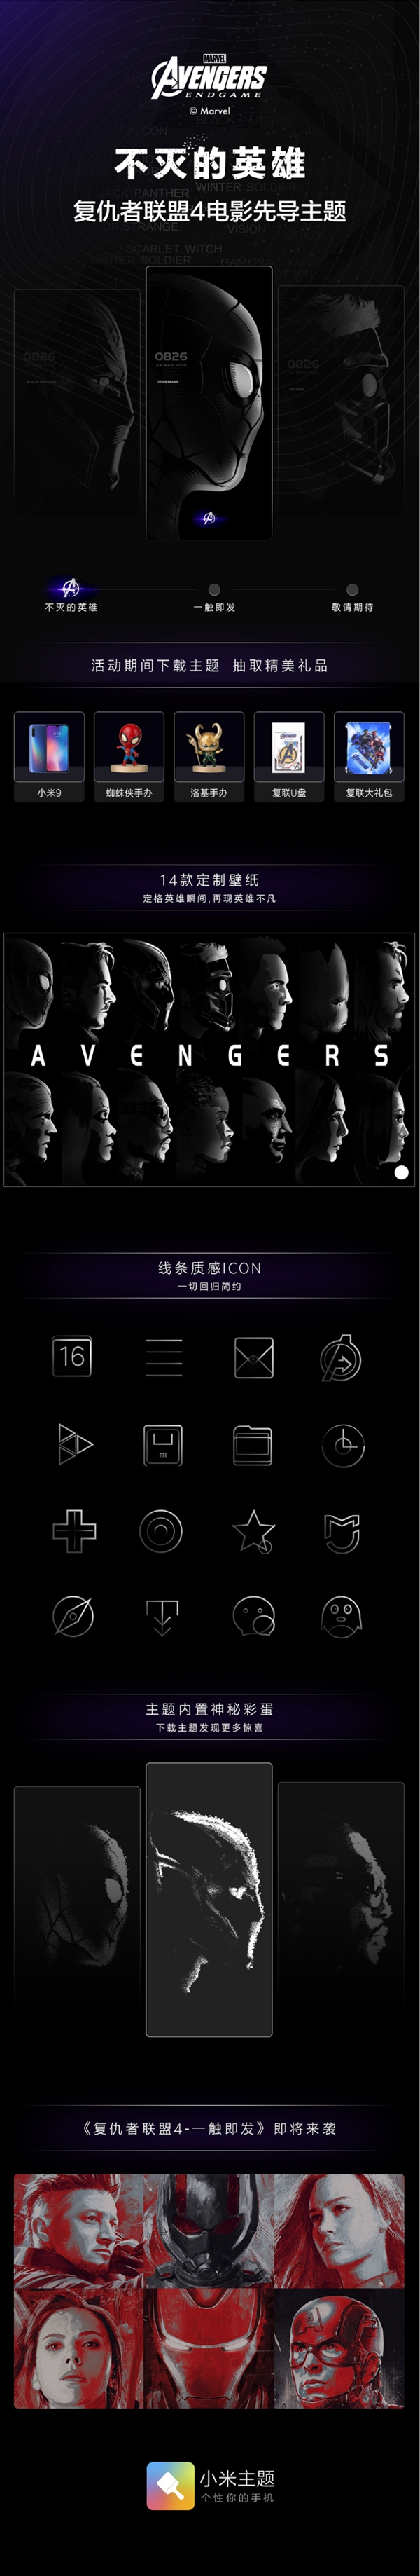 《复仇者联盟4:终局之战》小米定制主题来了!